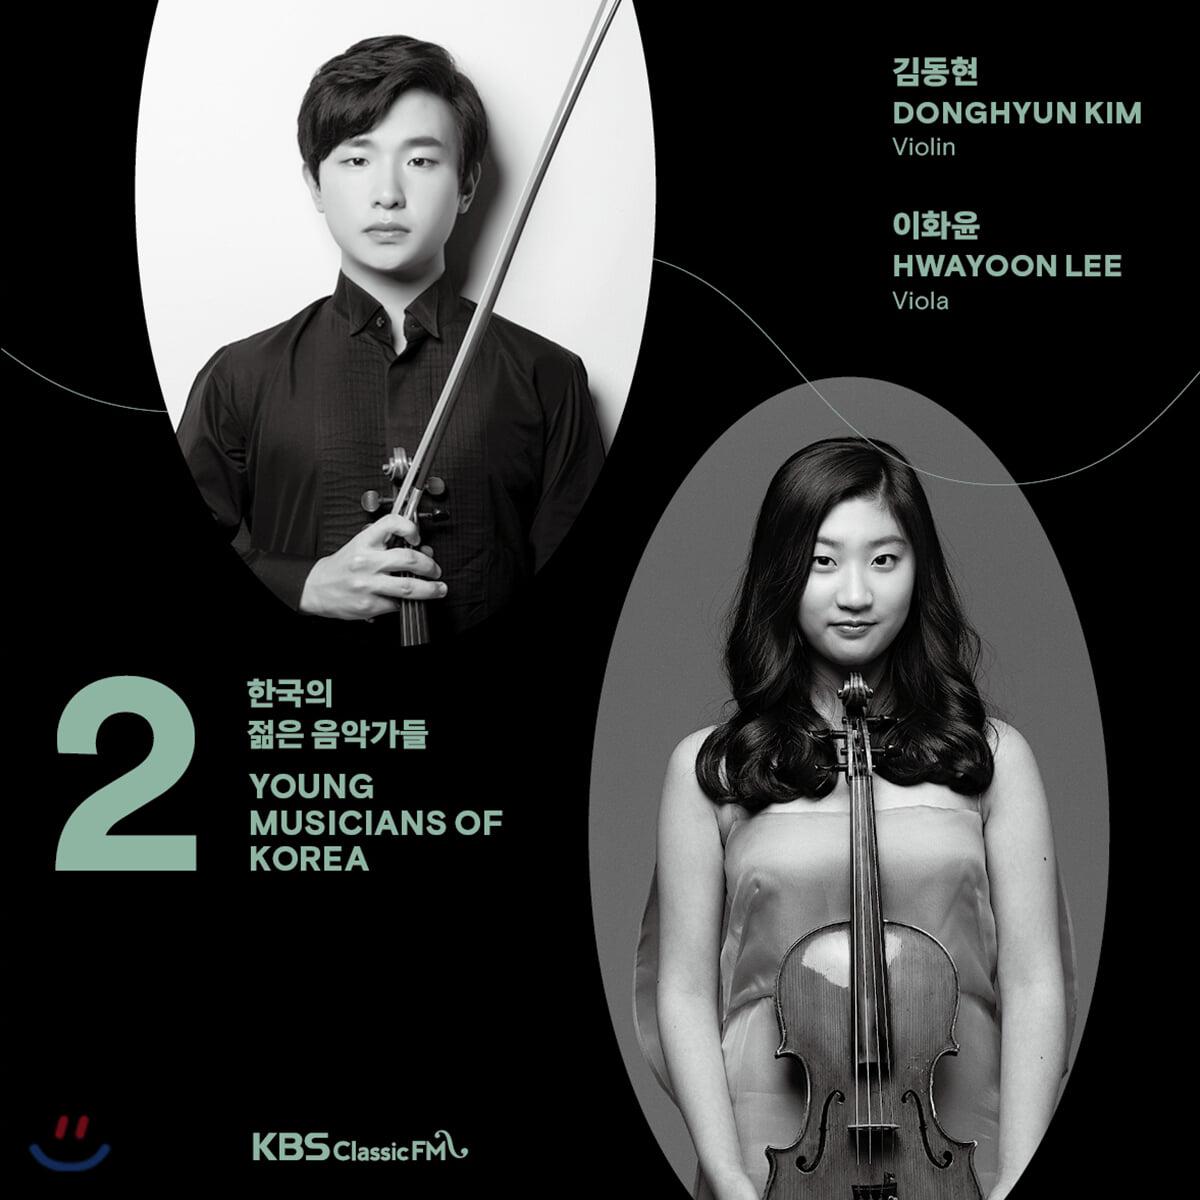 2020 한국의 젊은 음악가들 2집 - 김동현 / 이화윤